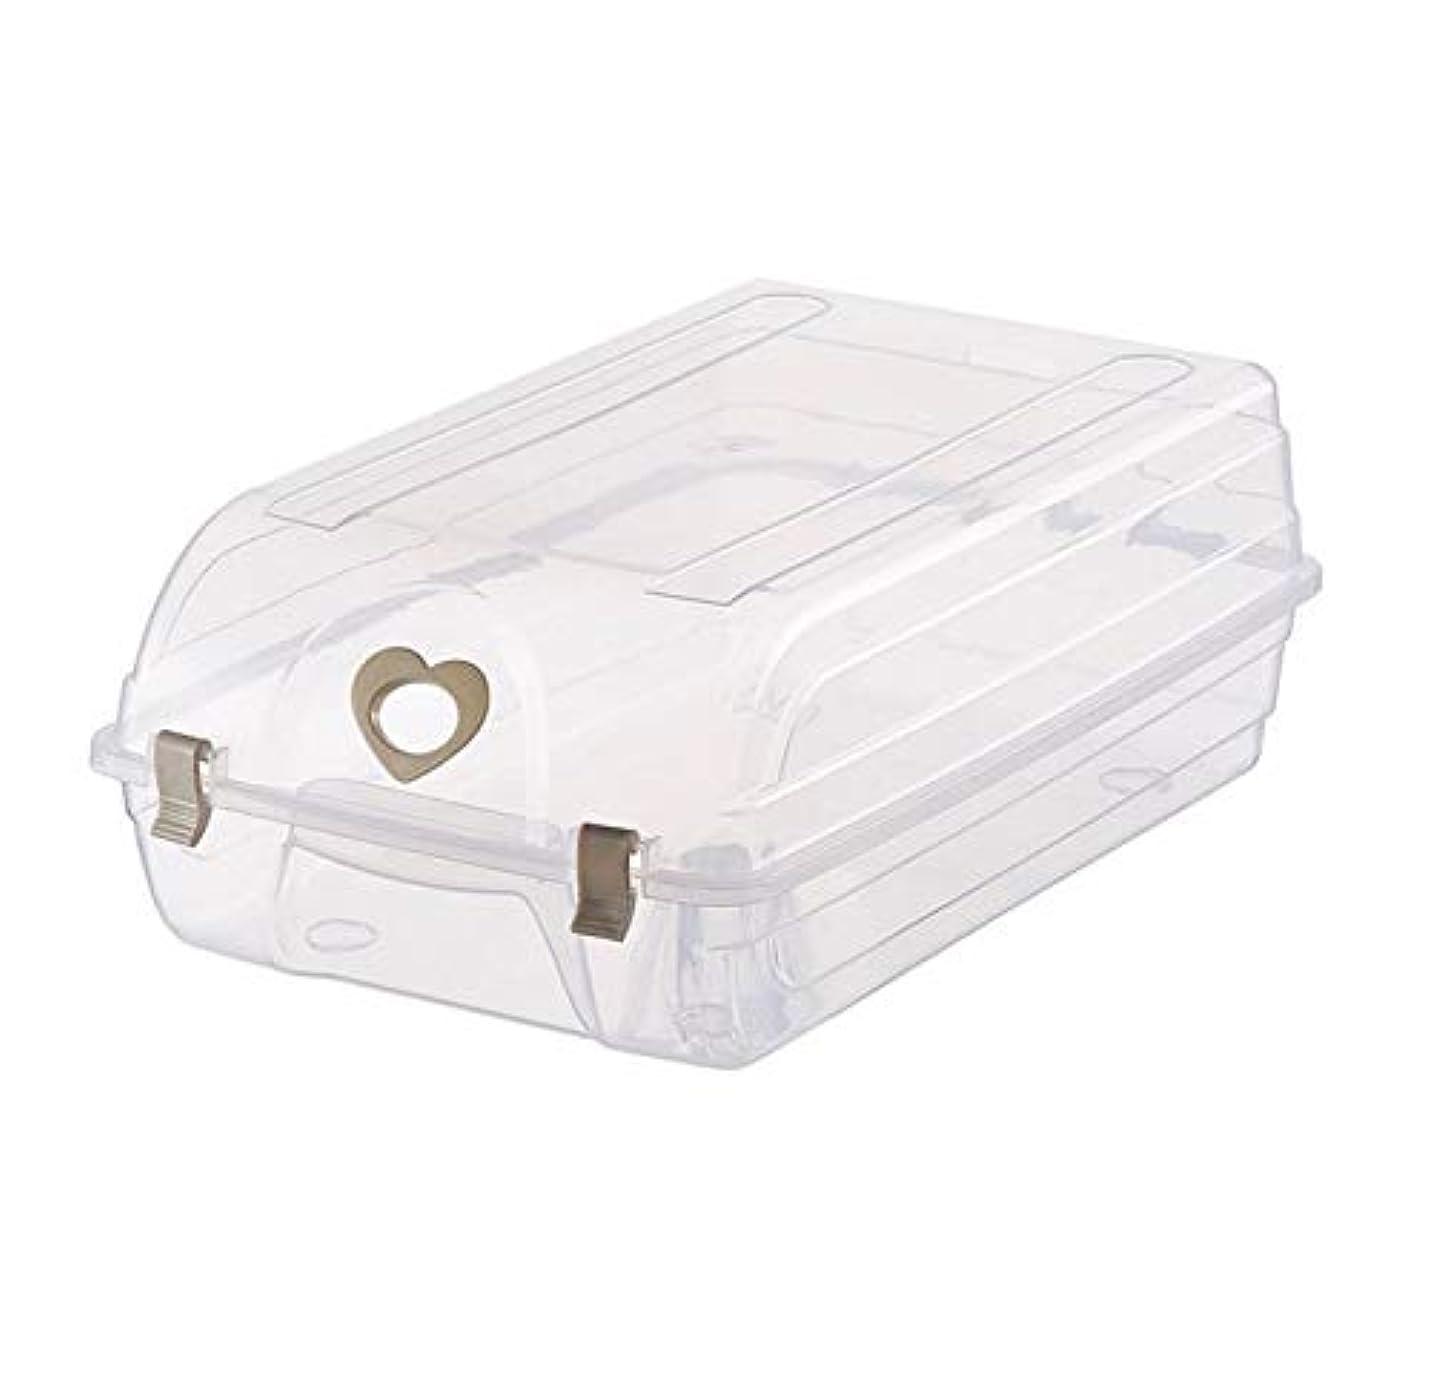 秘密の哲学的寄り添うMeet now123 靴の収納箱靴の箱プラスチックの収納箱透明なプラスチック製のブーツ収納箱シンプルな防塵の家庭用品その他の収納箱 靴箱 品質保証